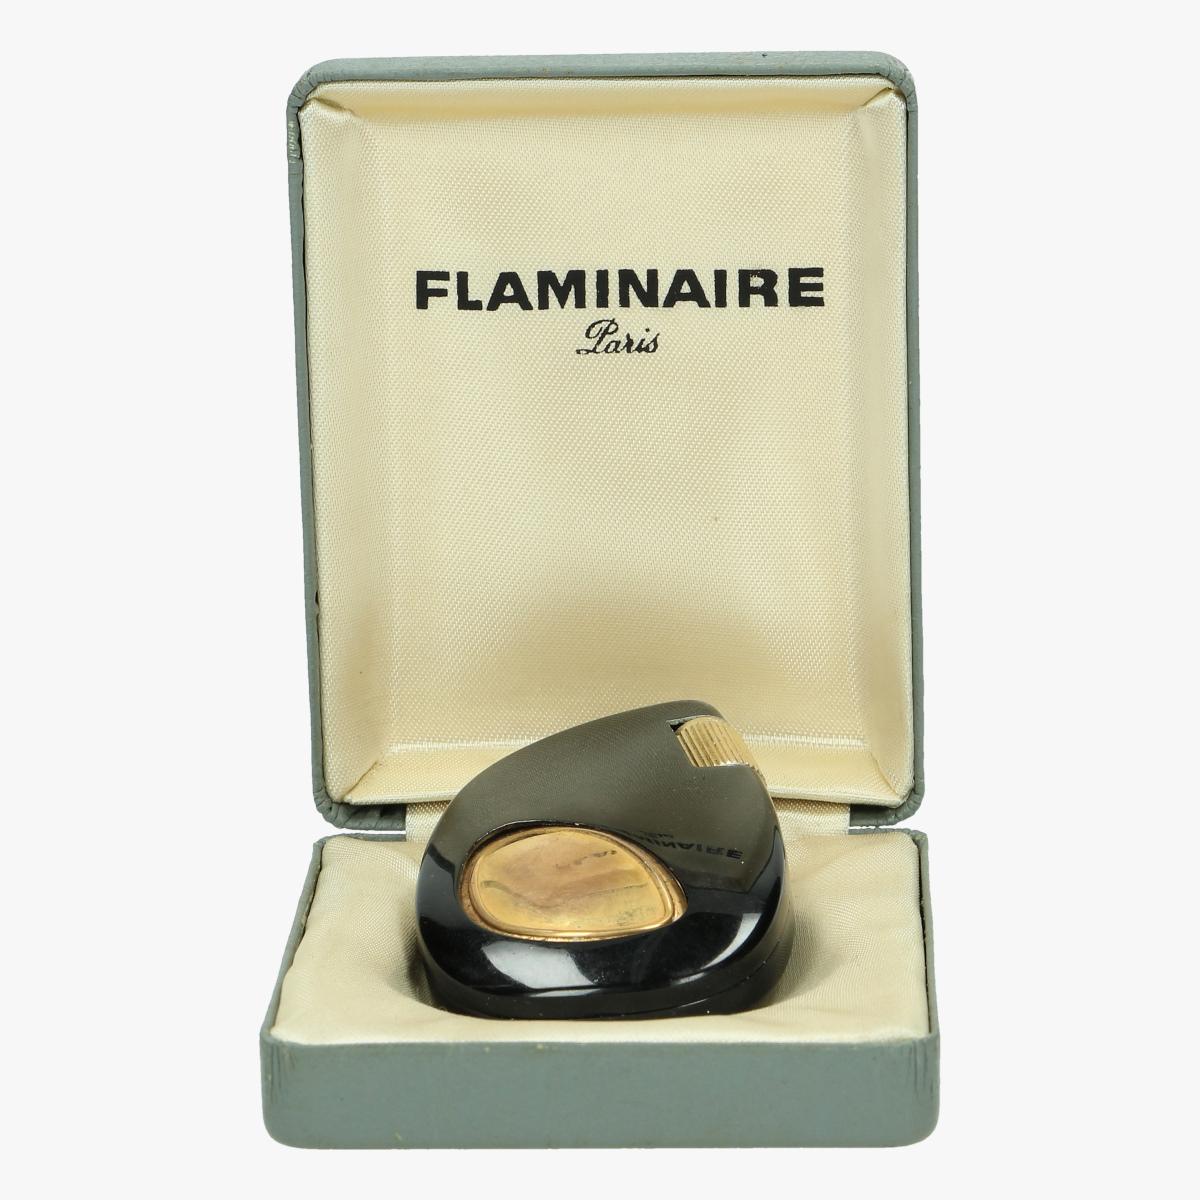 Afbeeldingen van oude aansteker flaminaire paris